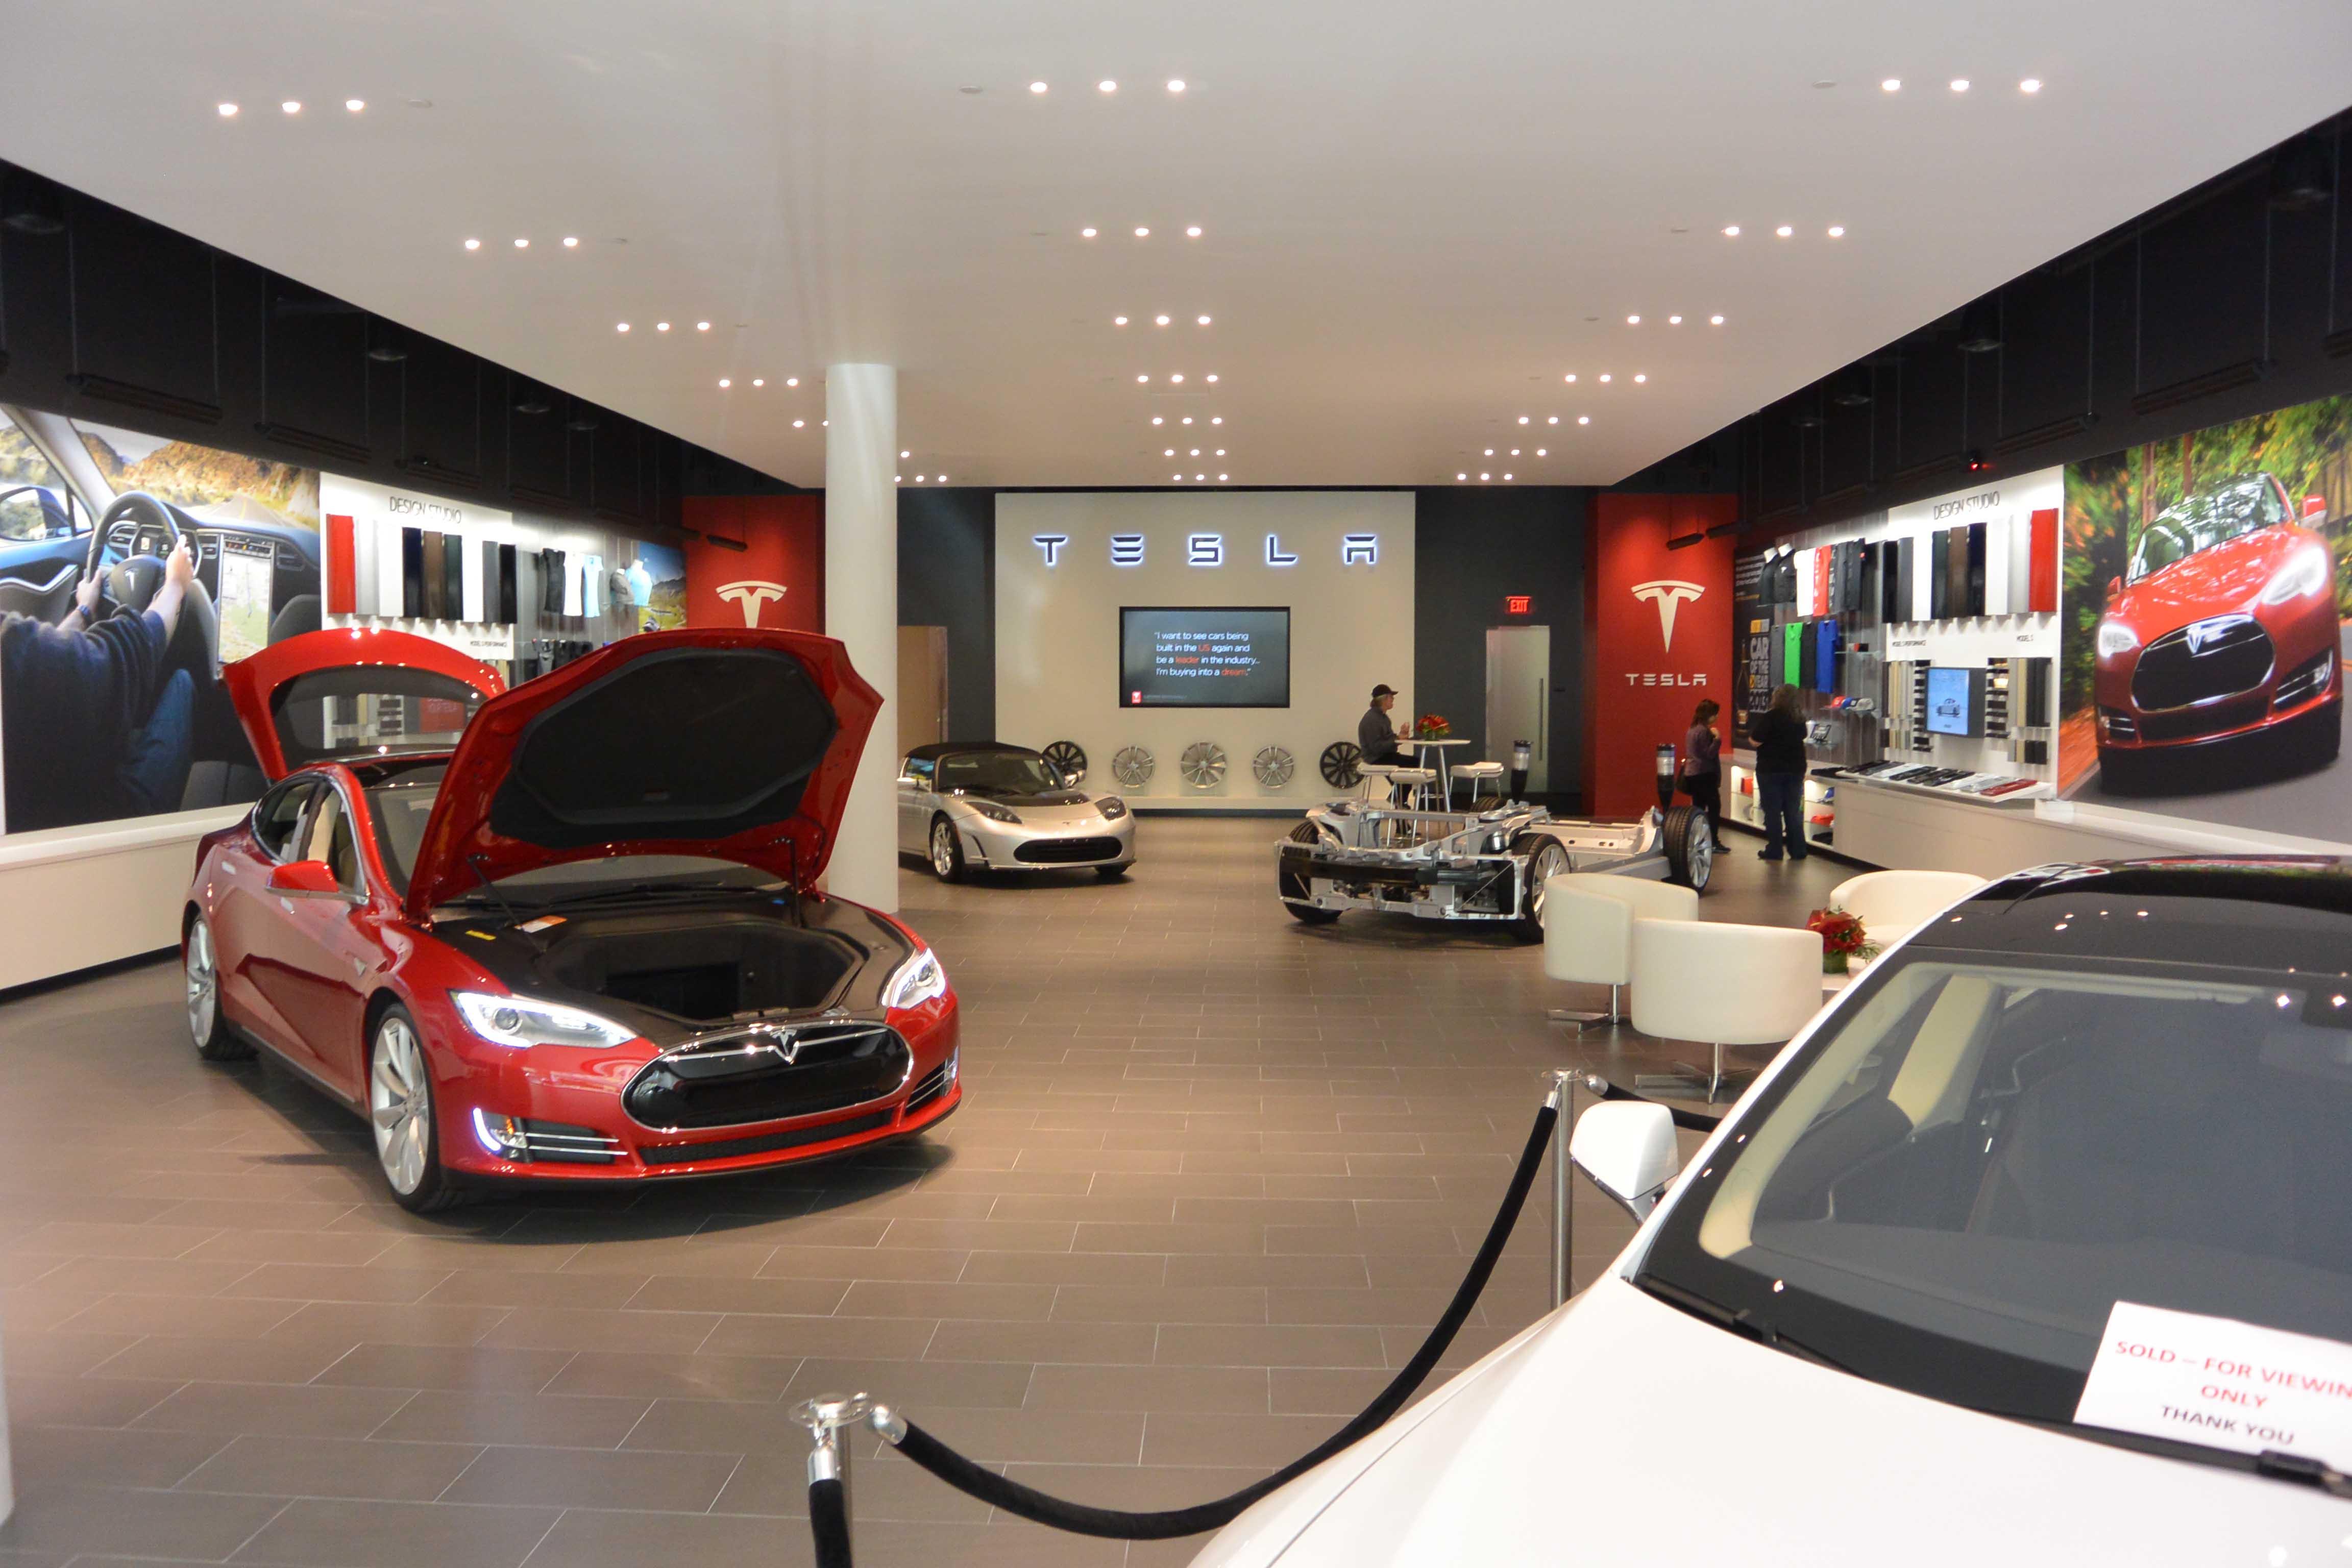 Elektrikli otomobil üreticisi Tesla resmen Türkiye'de